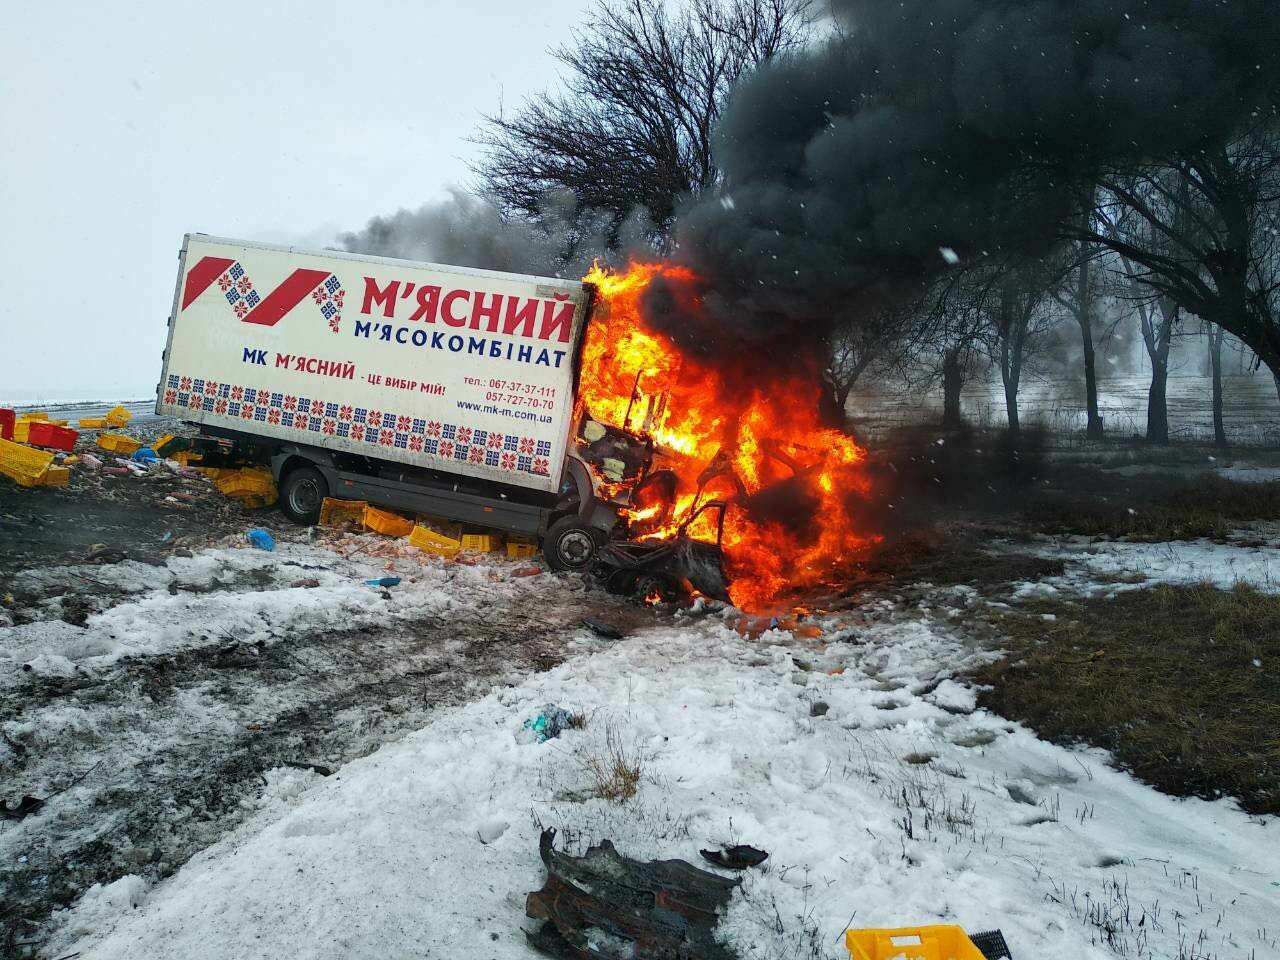 Масштабное ДТП с пожаром под Днепром: погибло 3 человека и ребенок (ФОТО), фото-2